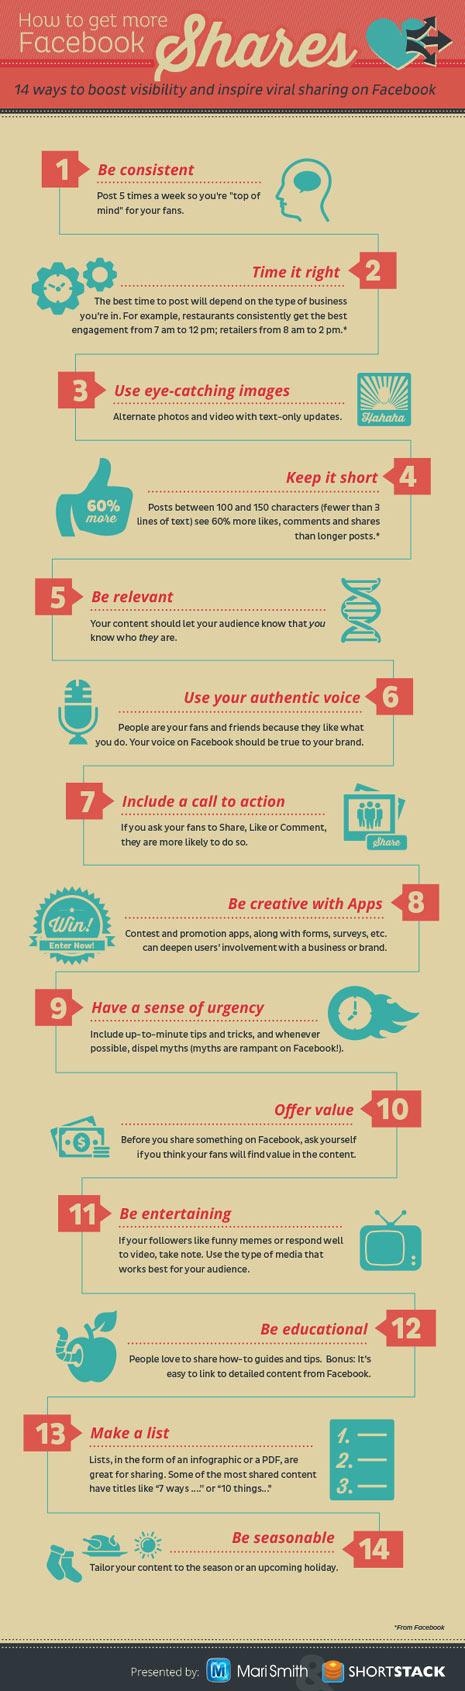 14 maneras de conseguir más